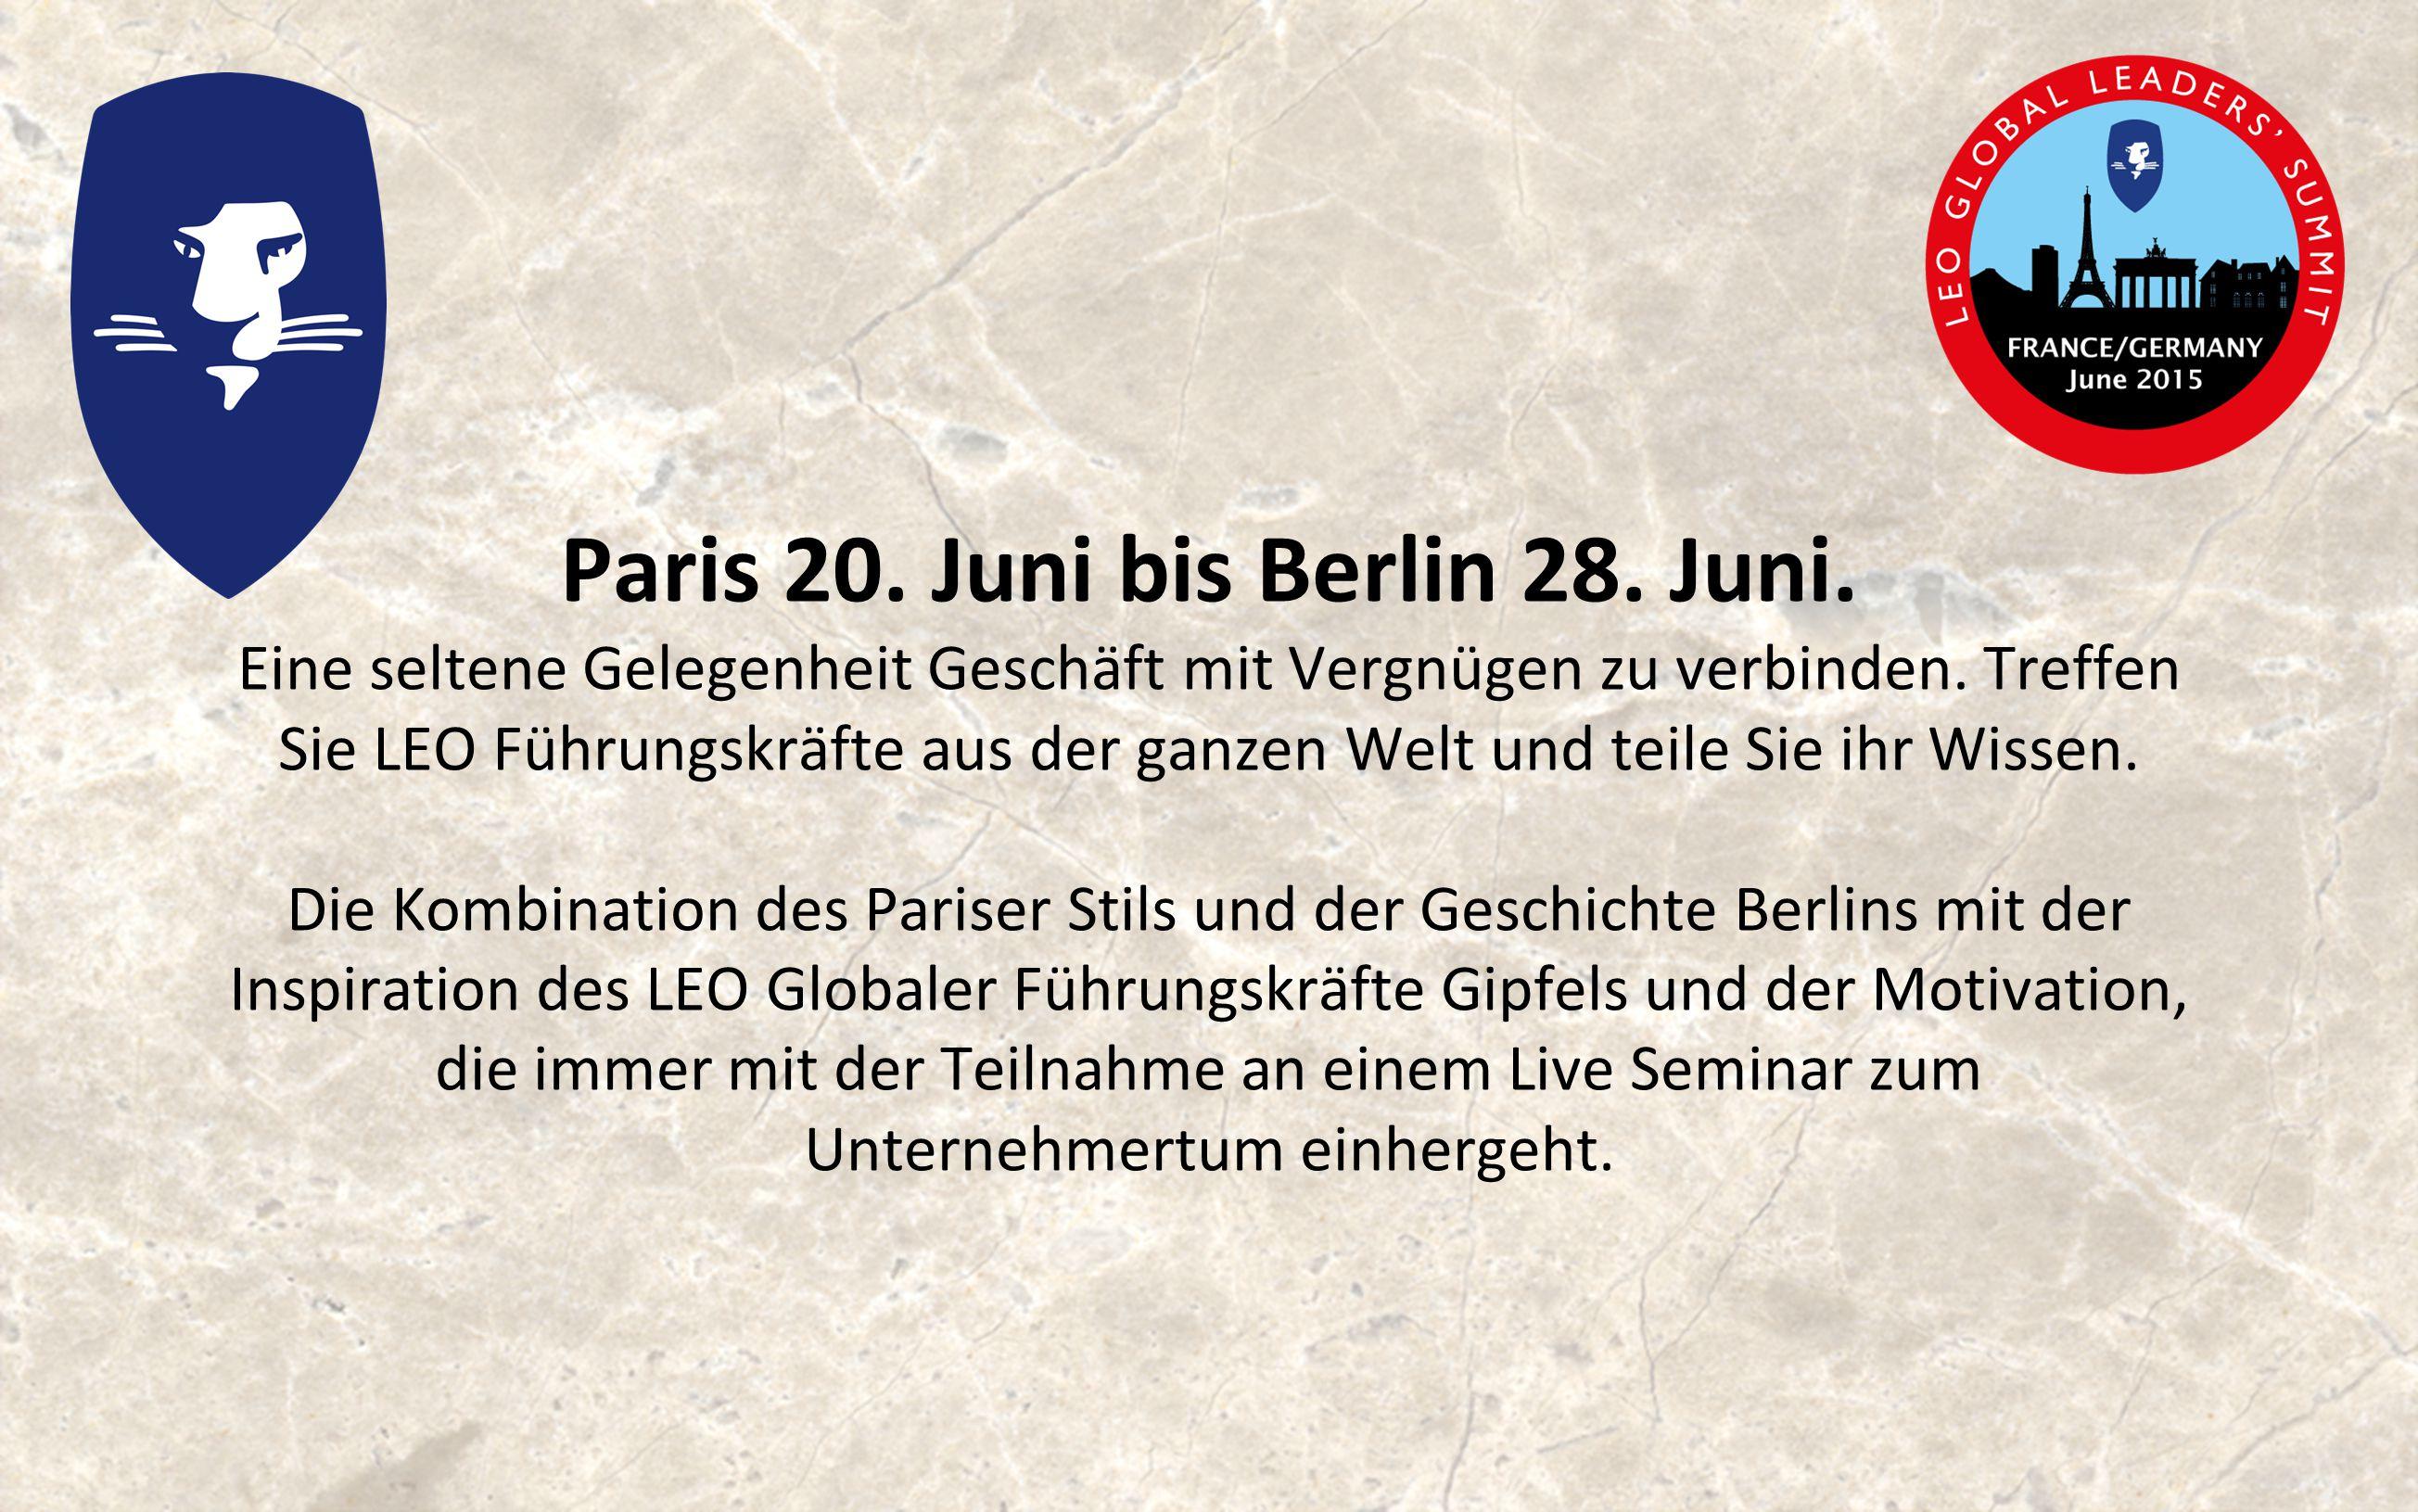 Paris 20.Juni bis Berlin 28. Juni. Eine seltene Gelegenheit Geschäft mit Vergnügen zu verbinden.